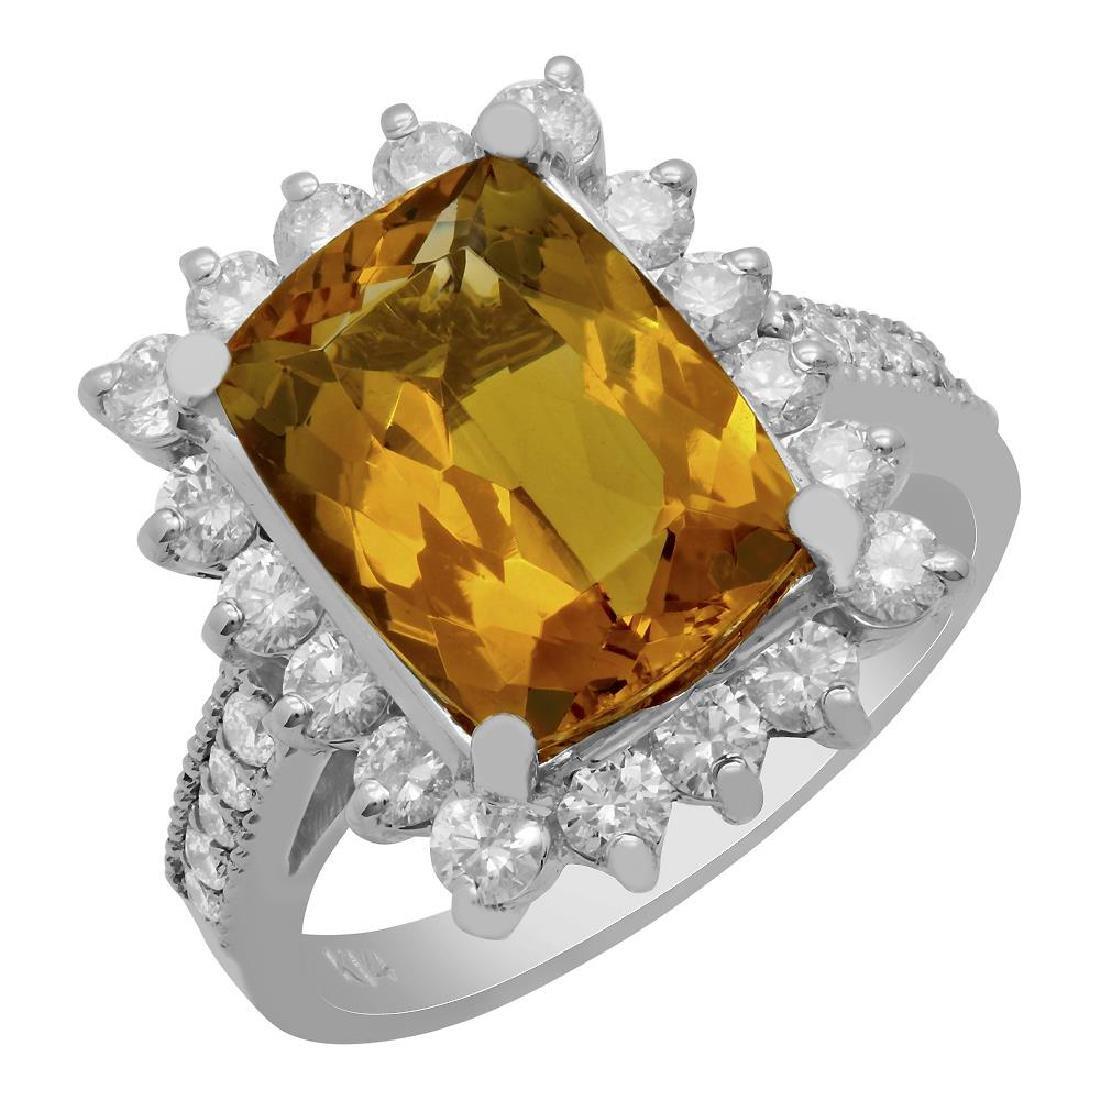 14k White Gold 3.89ct Yellow Beryl 1.17ct Diamond Ring